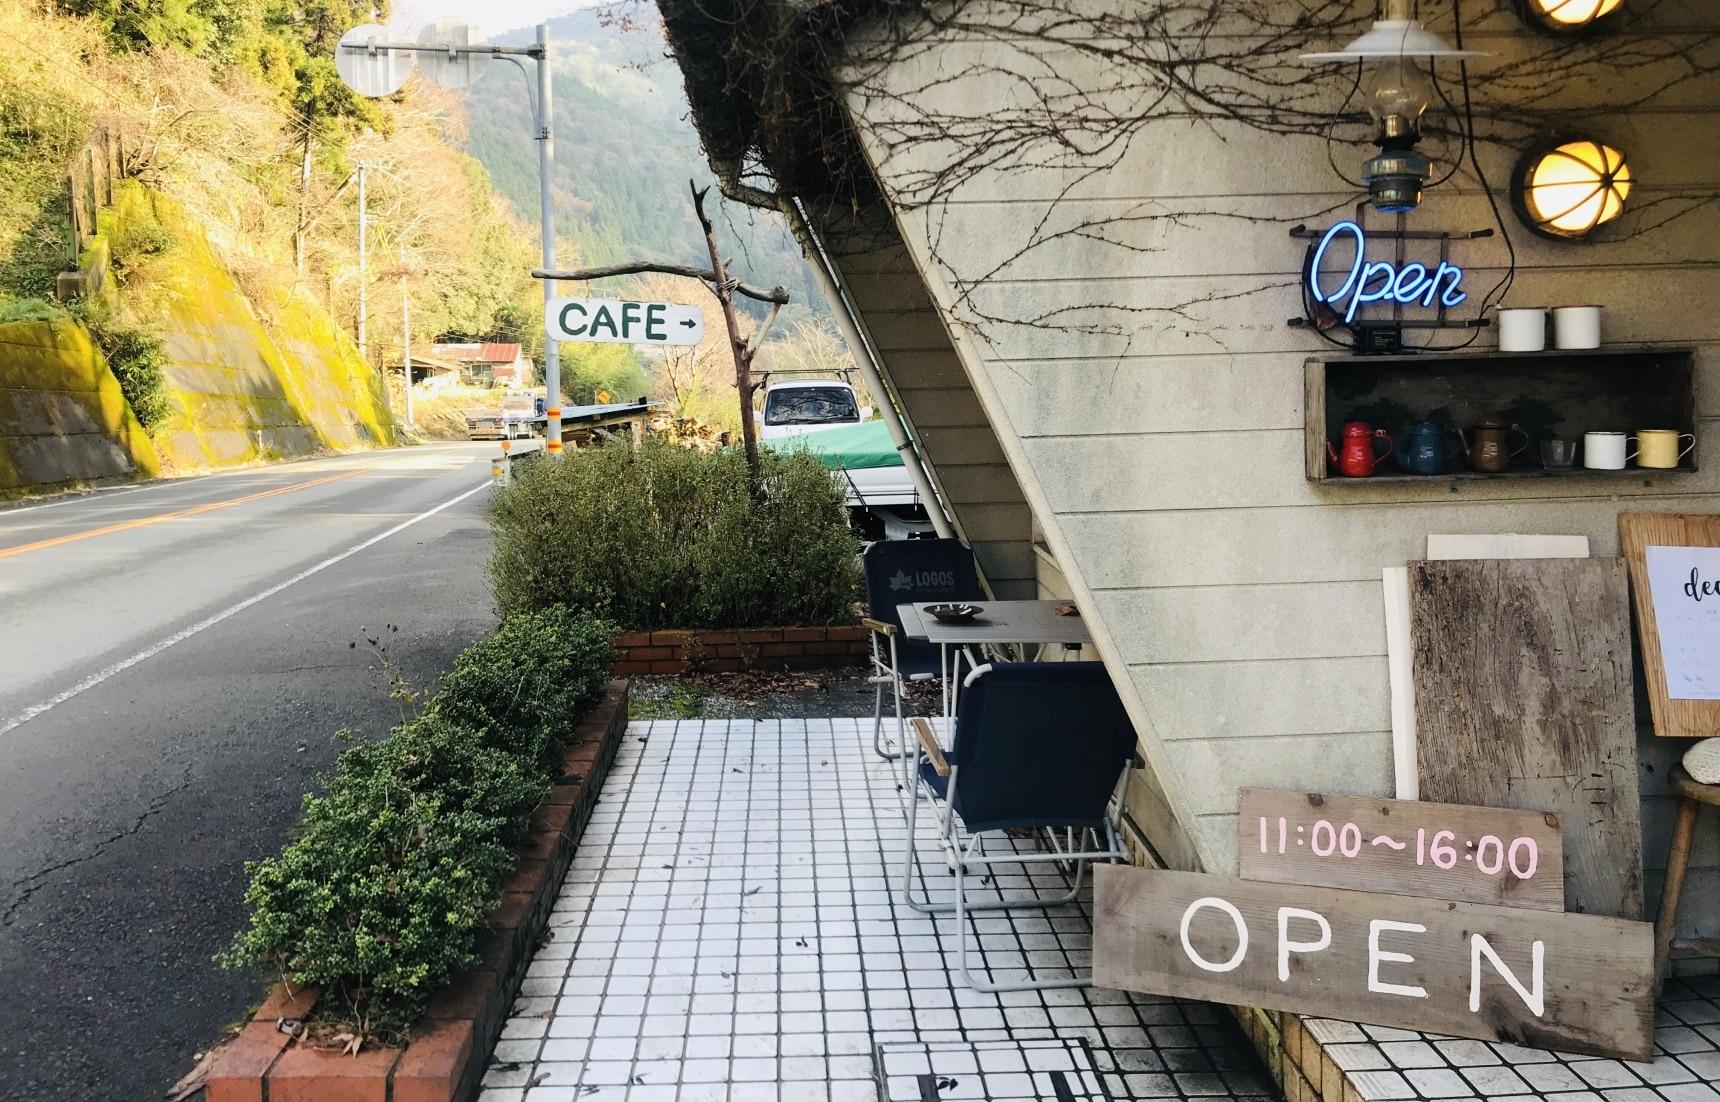 【高知偶遇好店】彷彿來到北歐!樸實無造作的手作甜點咖啡店「大田口カフェ」